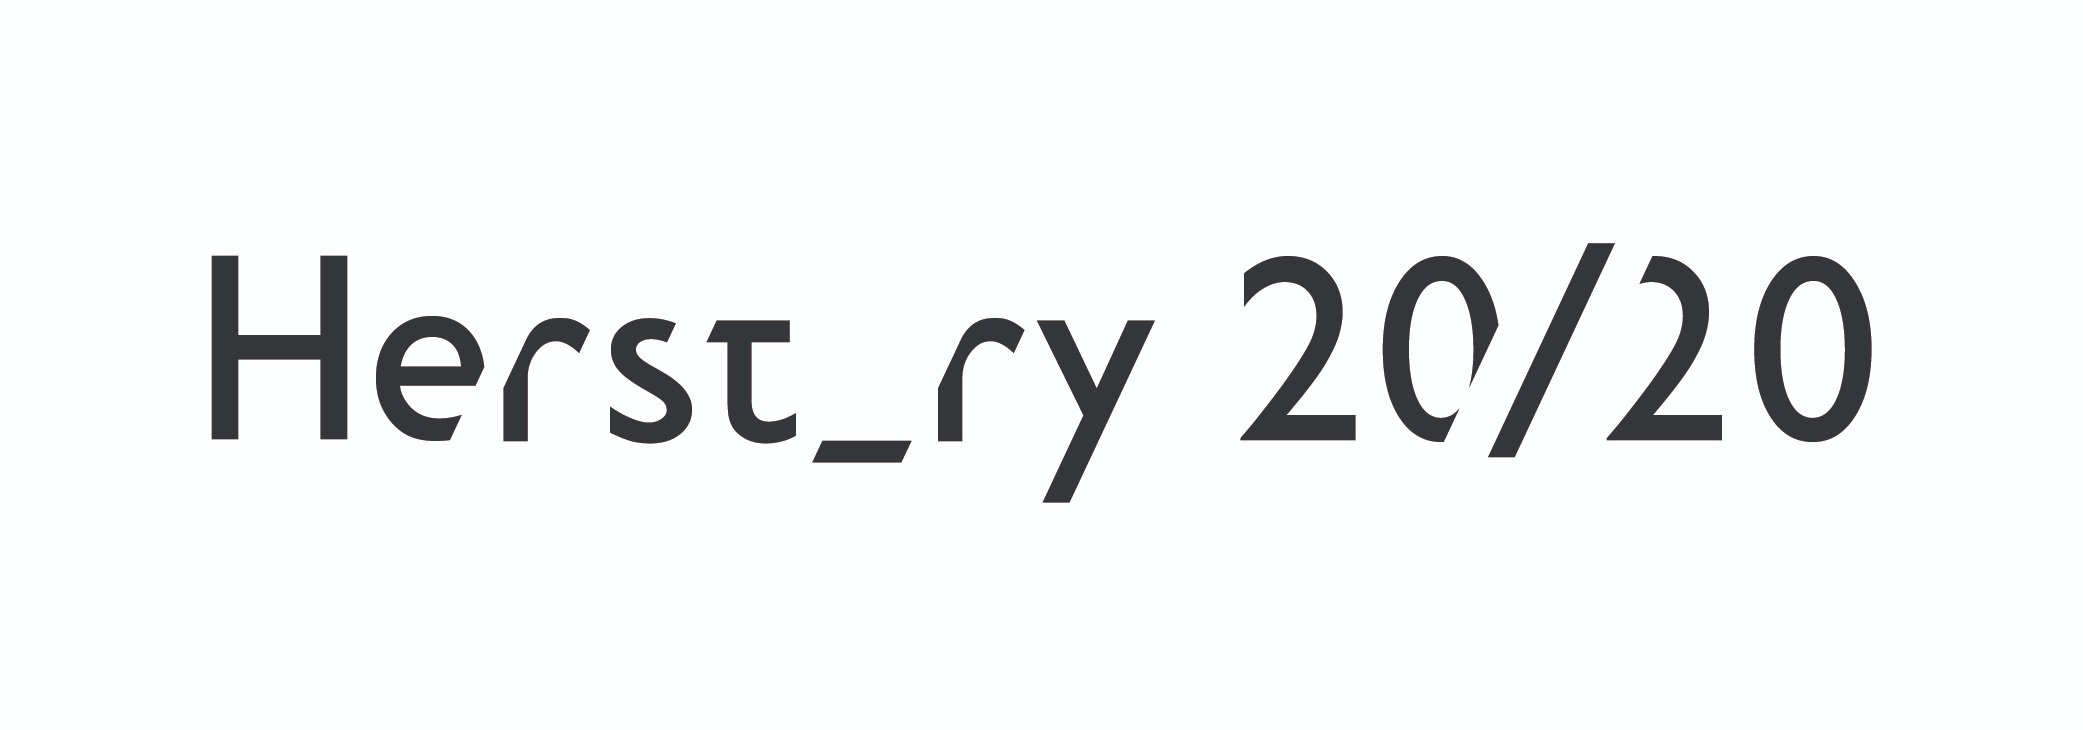 Herstory+2020+Logo_White.jpg